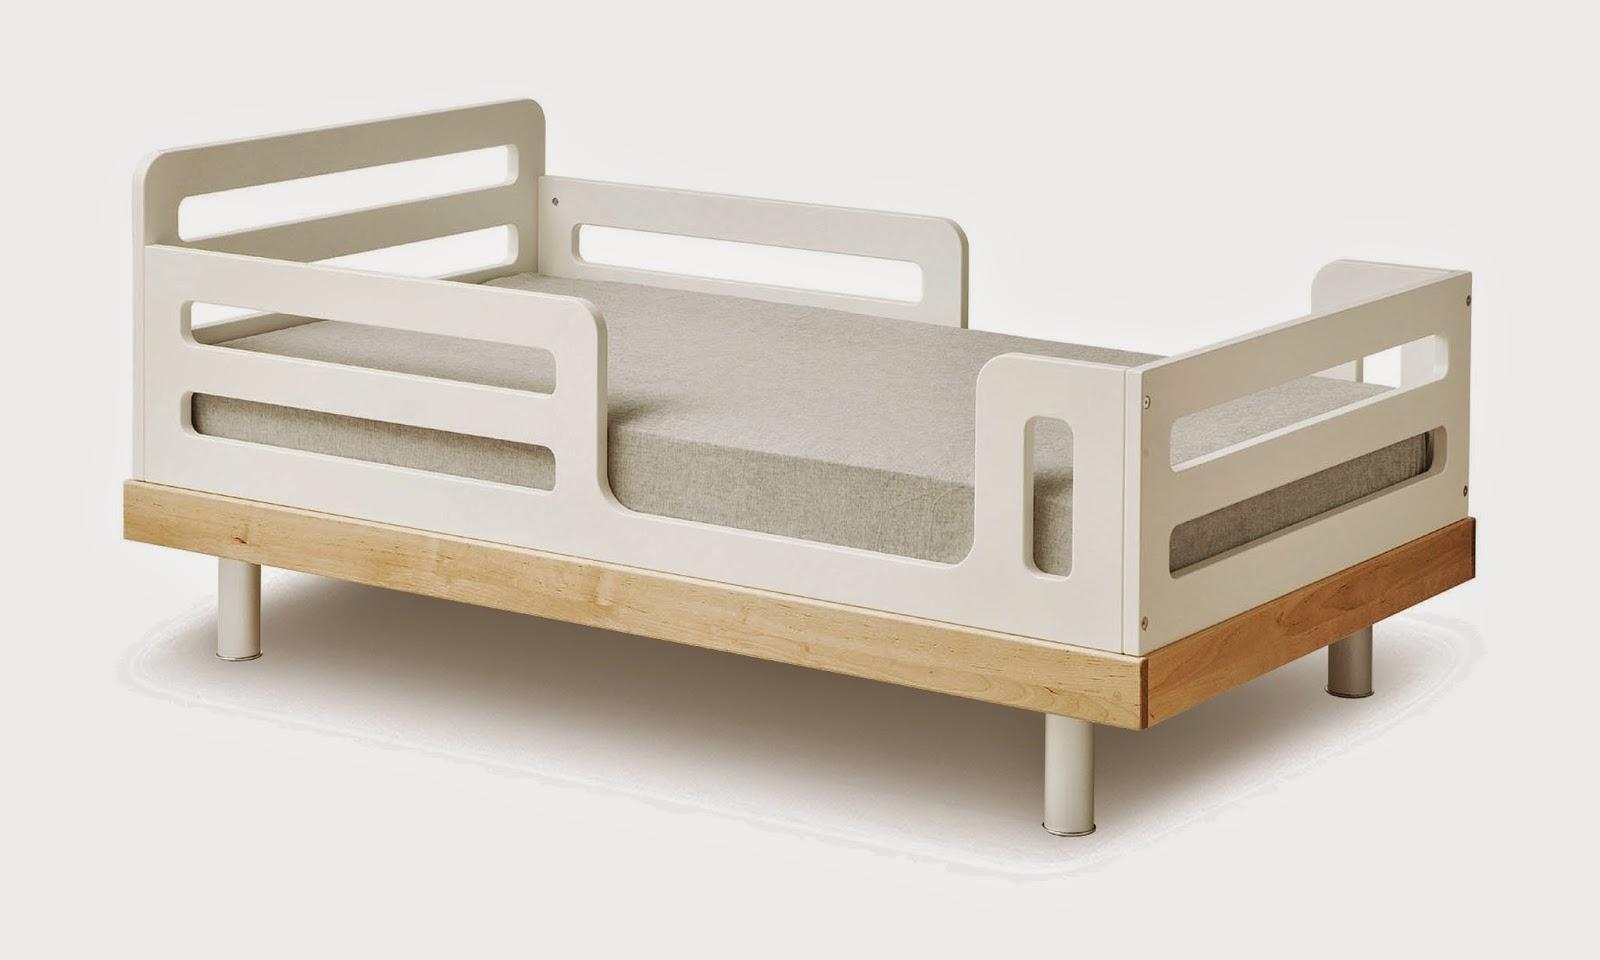 Lettini per bambini usati design casa creativa e mobili ispiratori - Sponde letto bambini prenatal ...